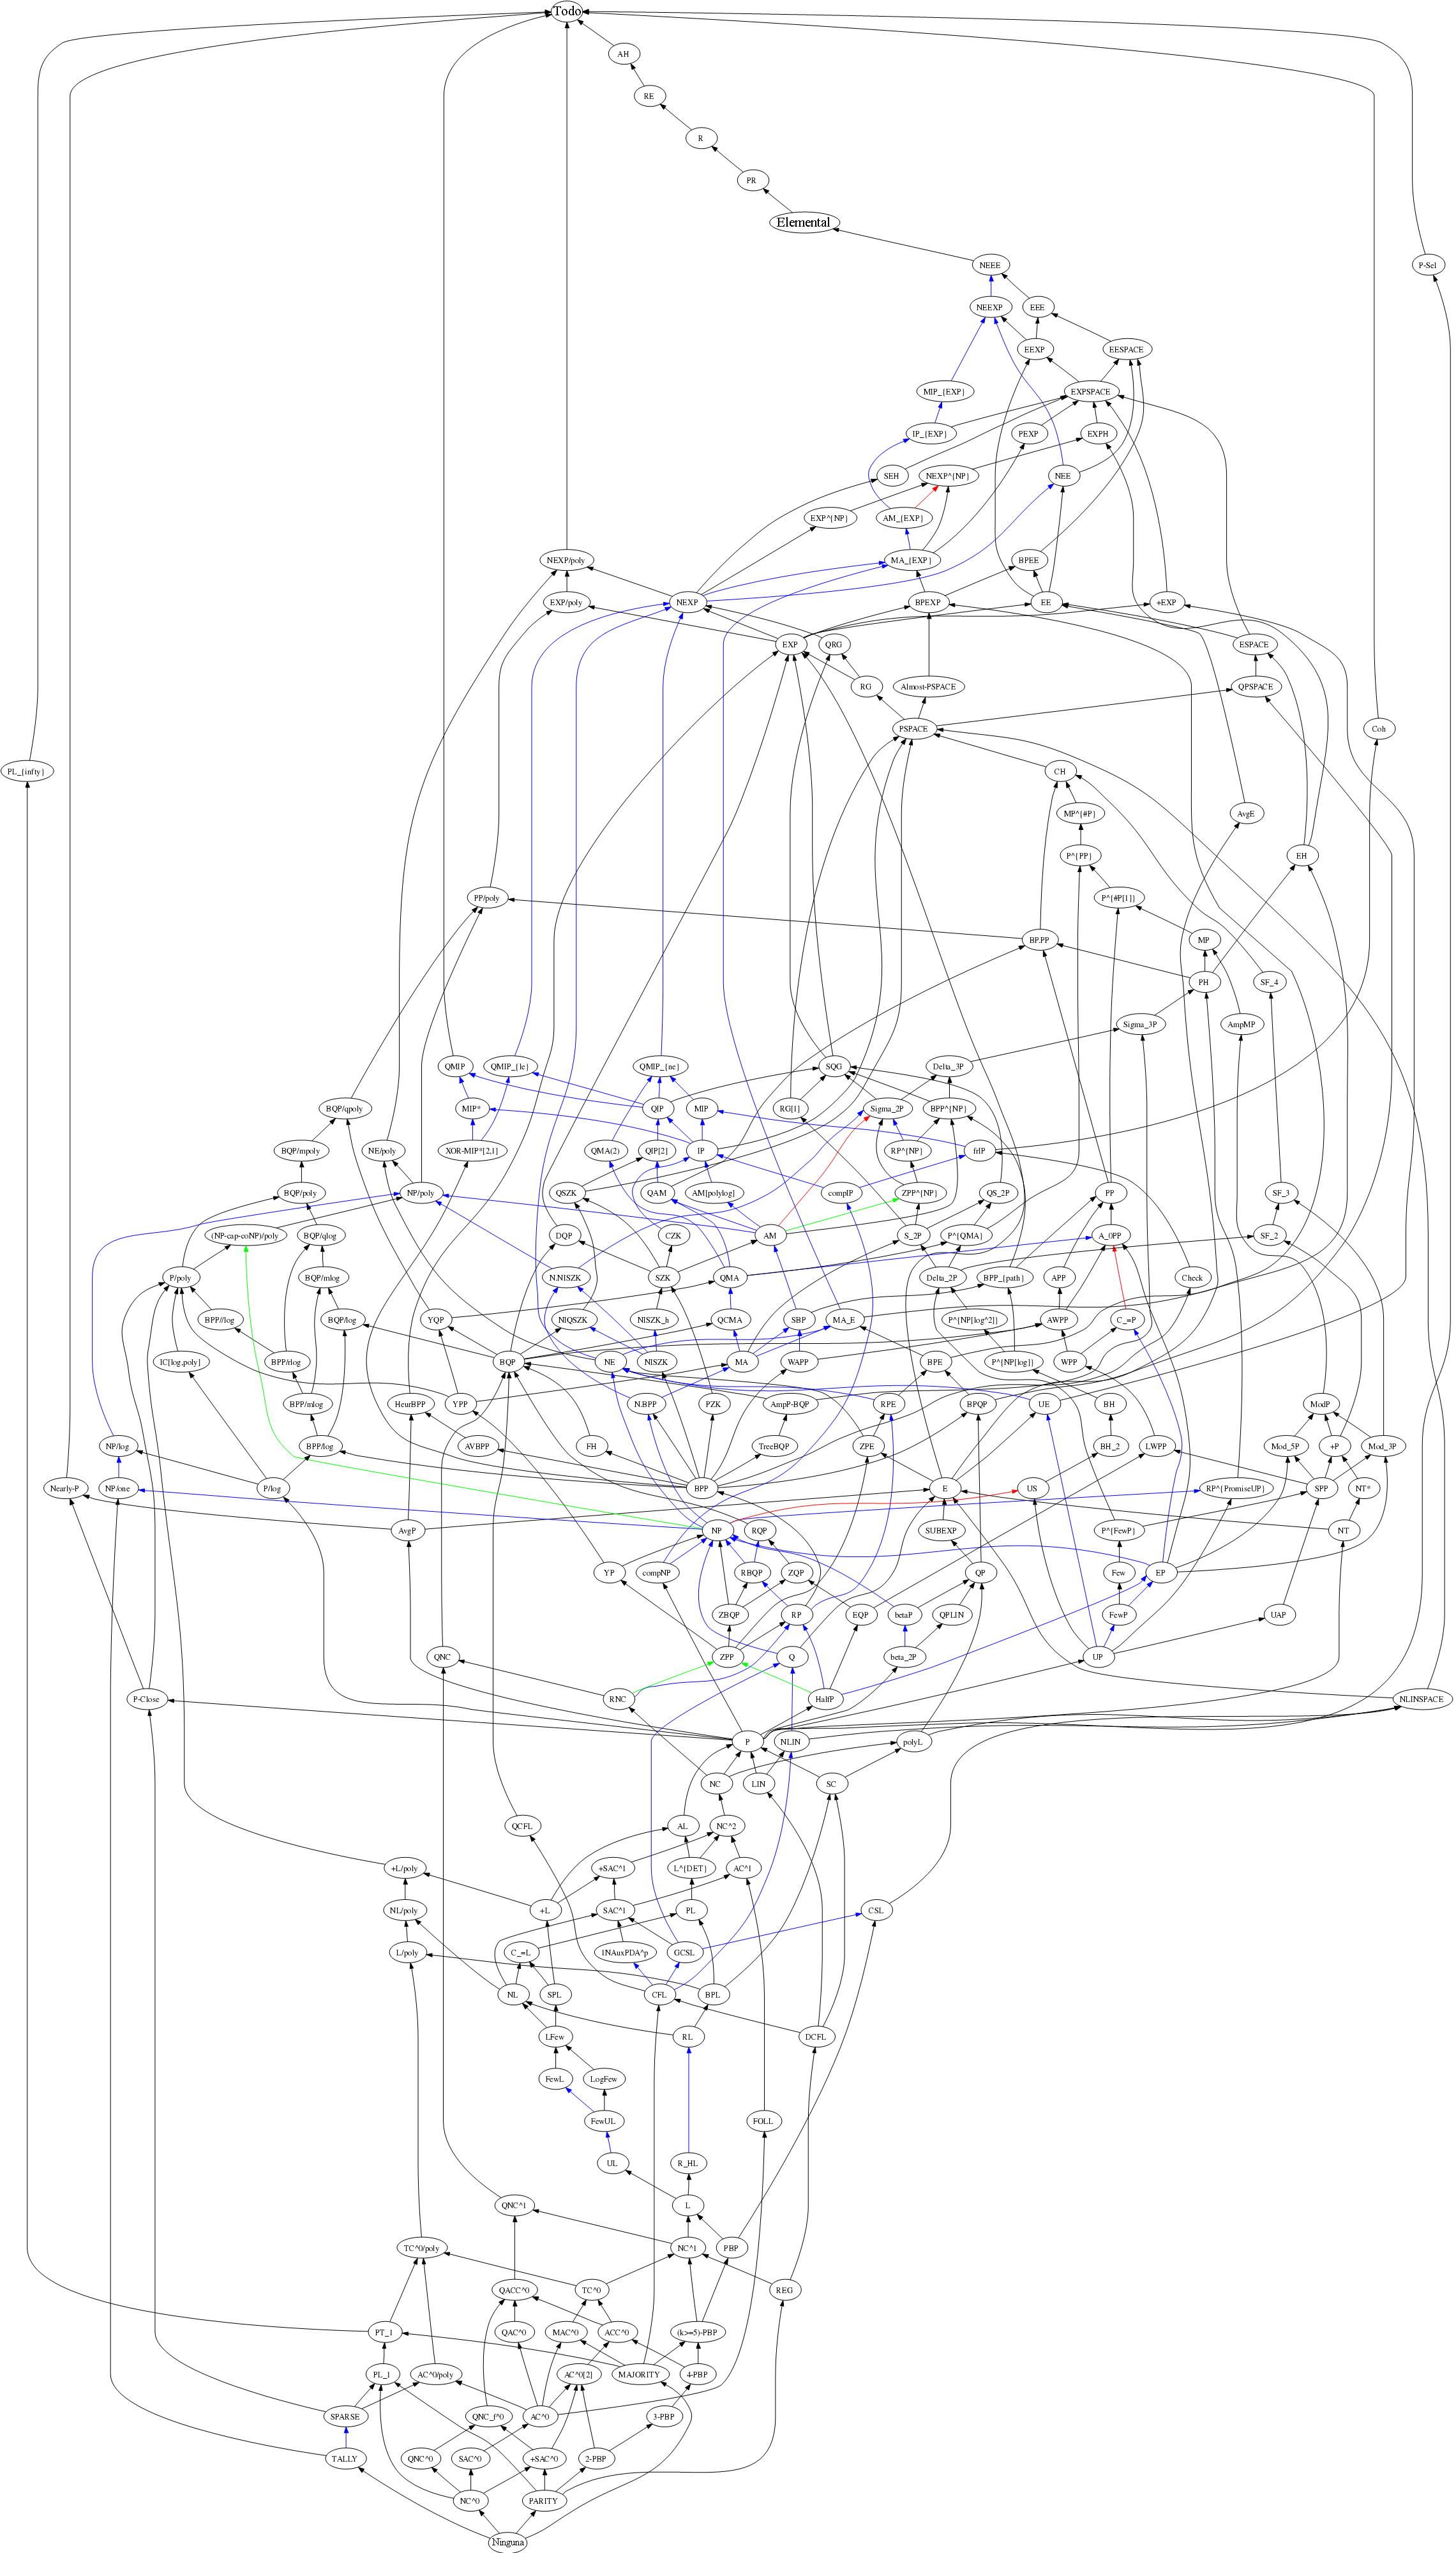 Diagrama clases de complejidad